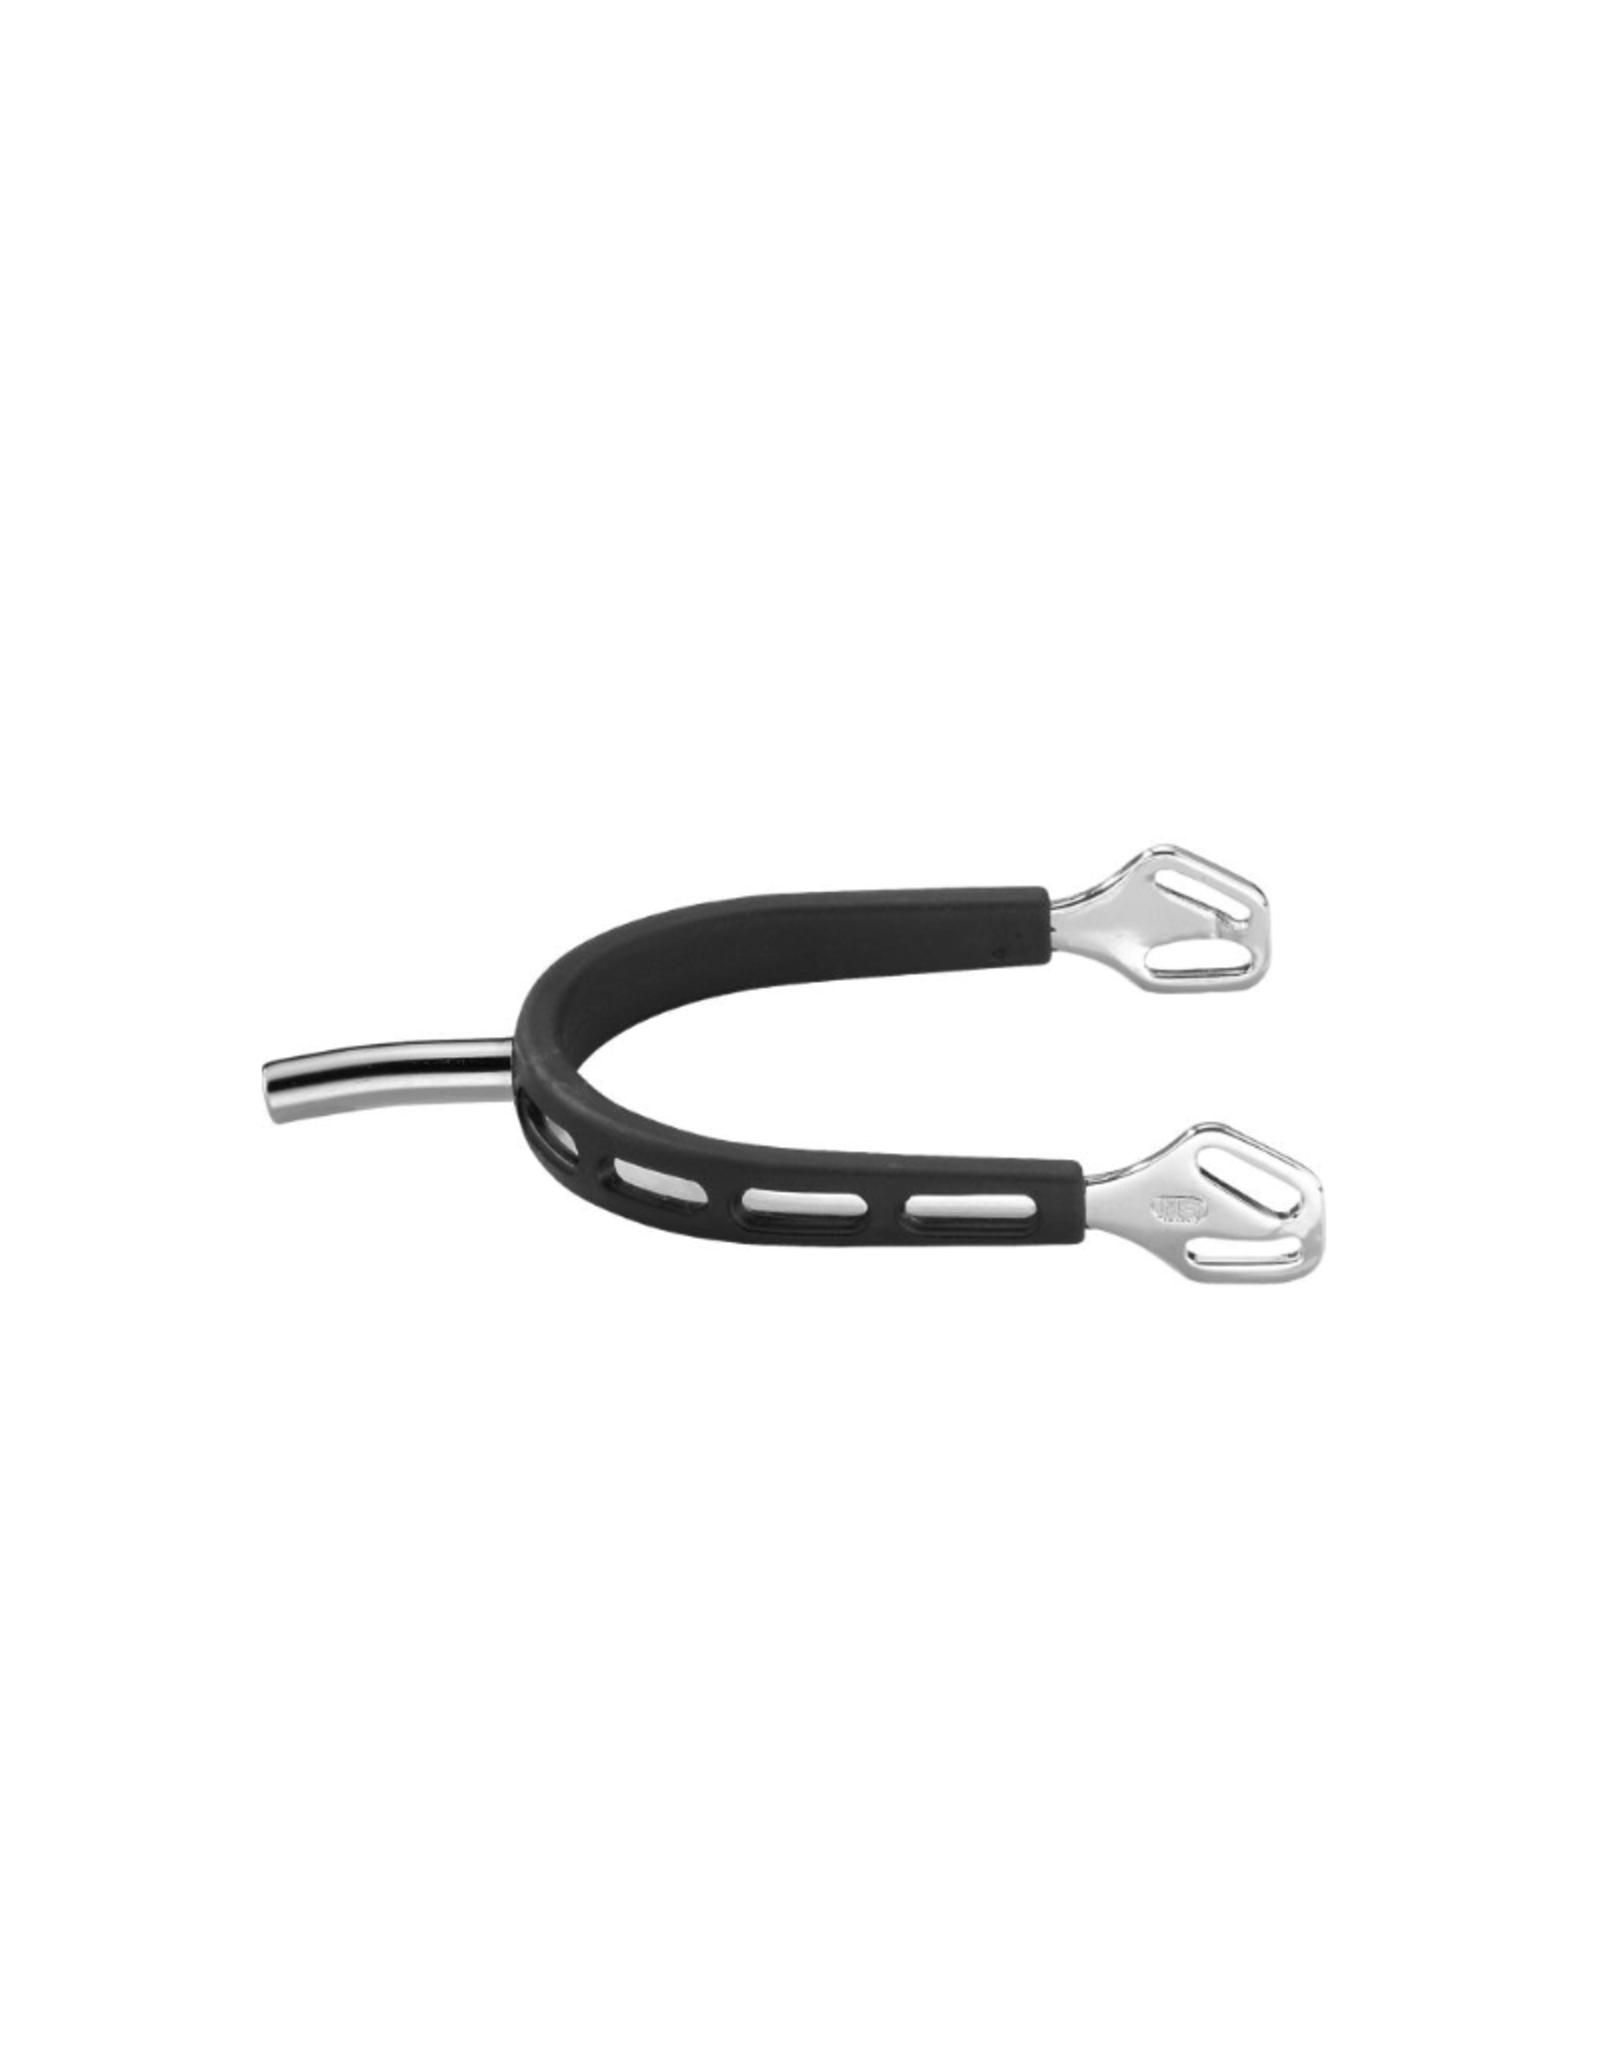 Sprenger Sprenger Ultra Fit Extra Grip Sporen Afgerond Staafje met Bovenkant Plat 35mm (4753510055)